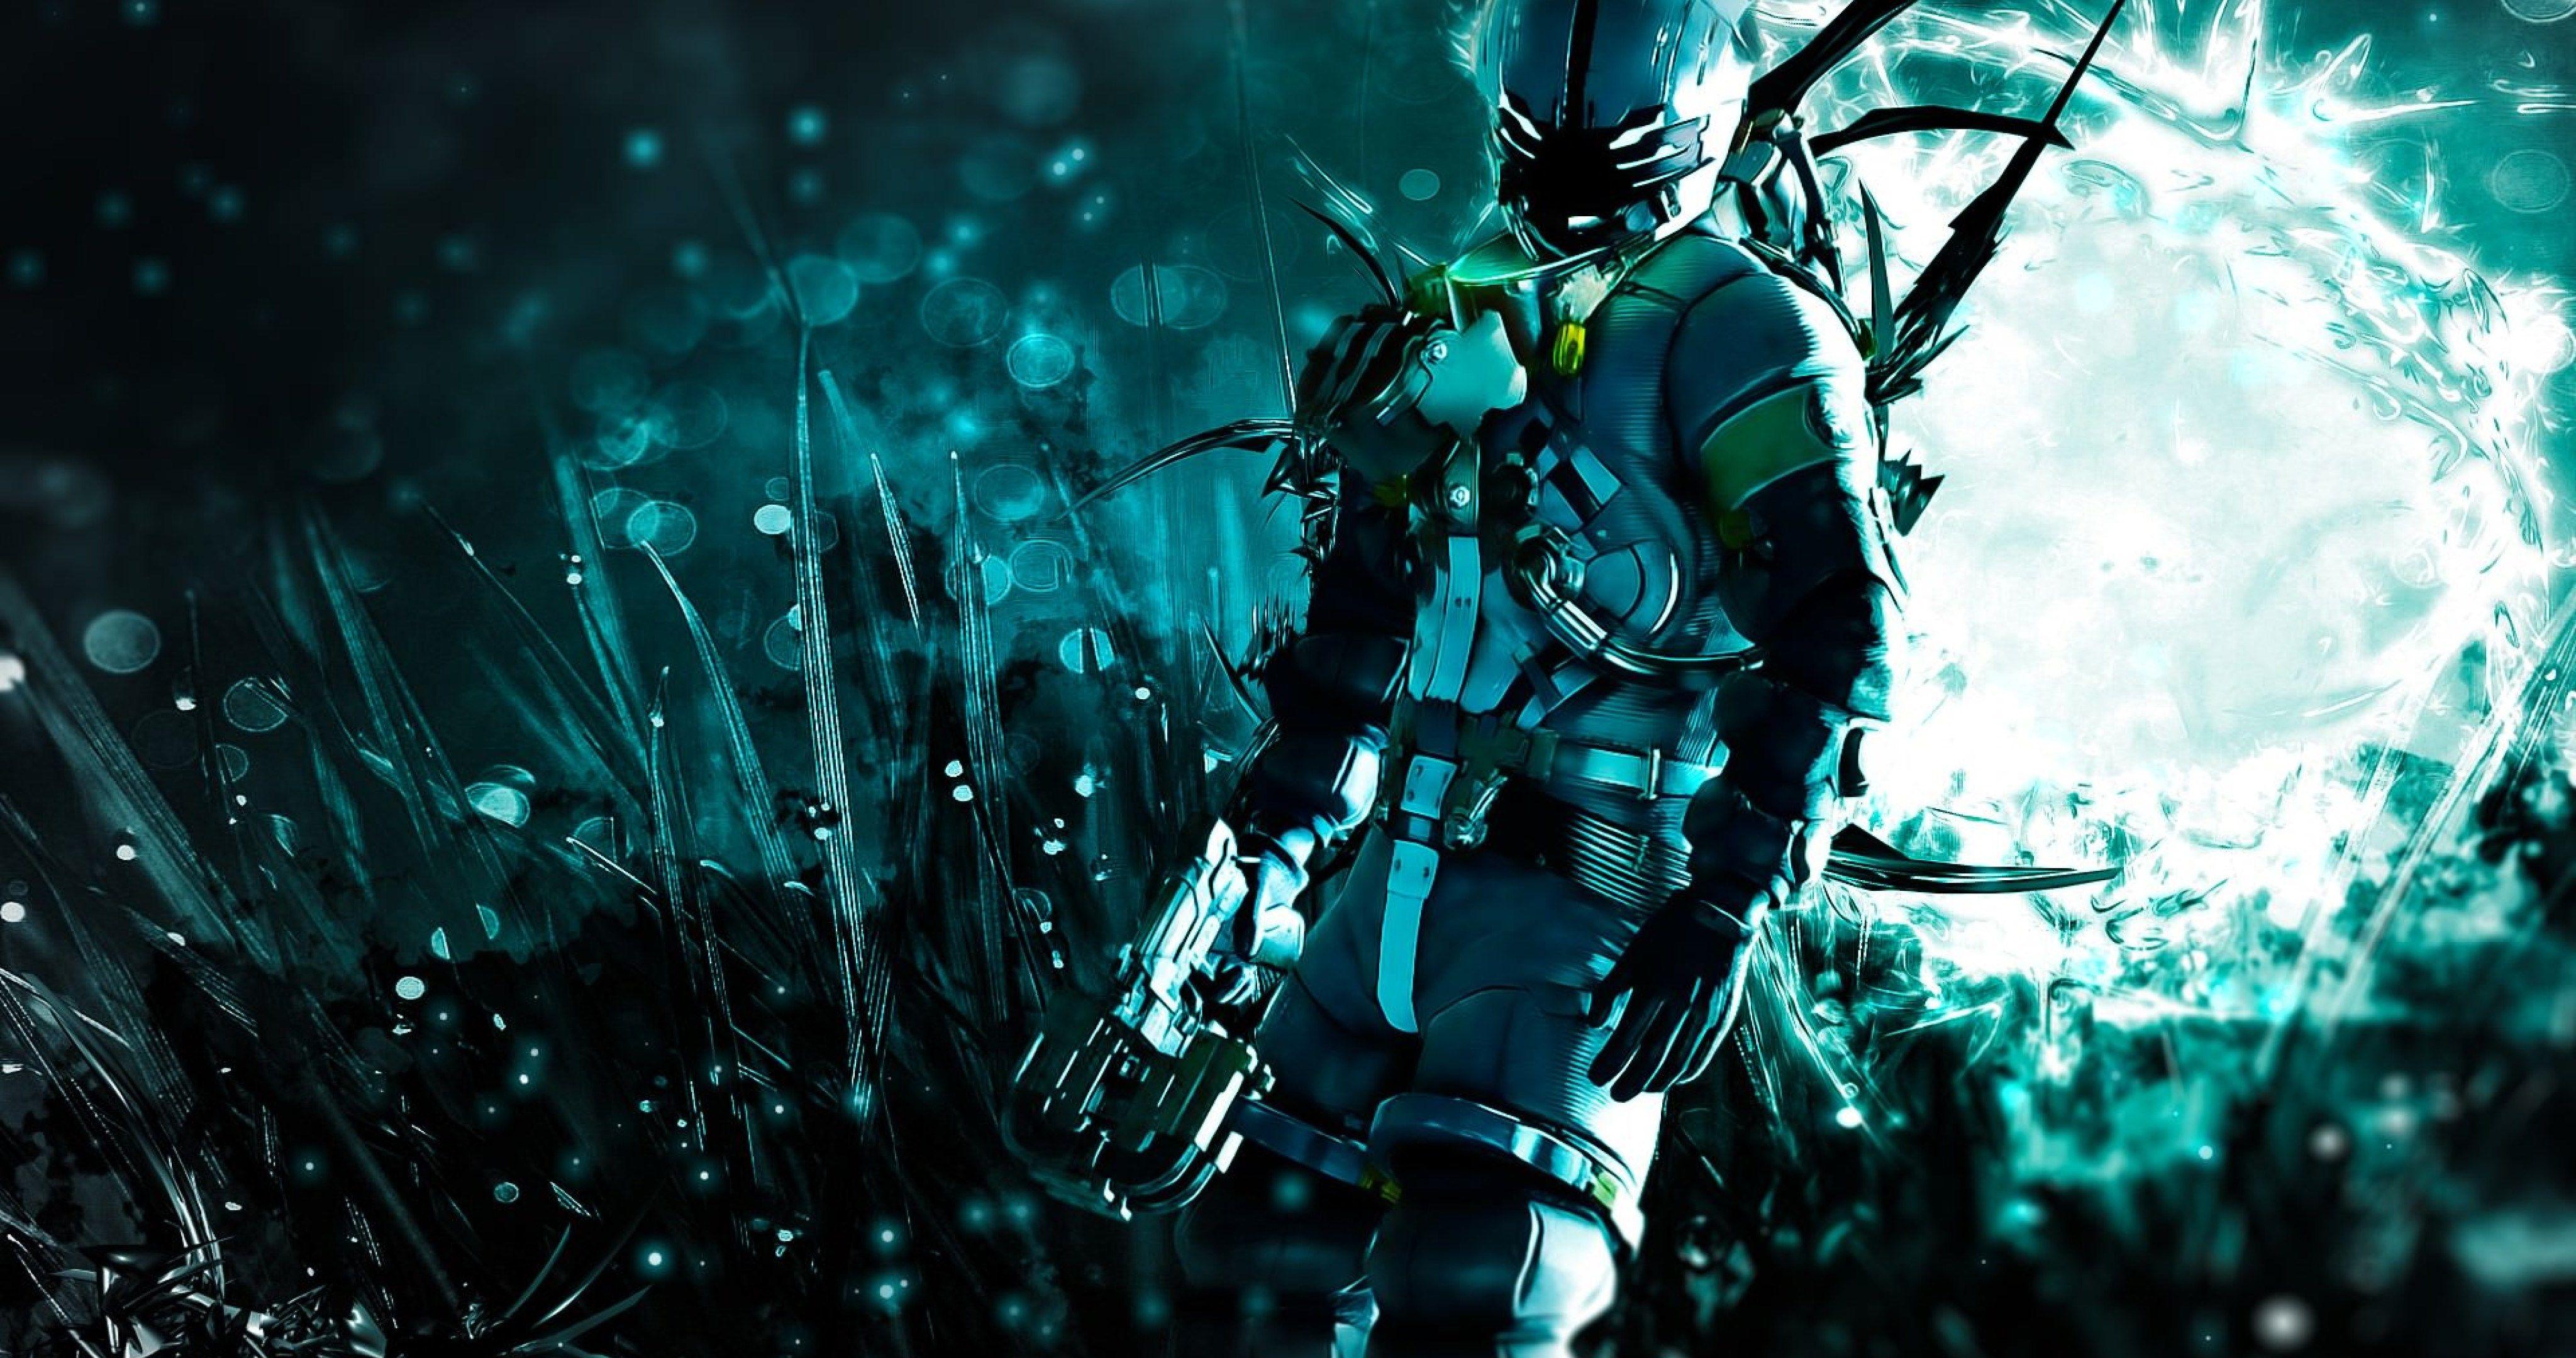 dead space 3 video game 4k ultra hd wallpaper